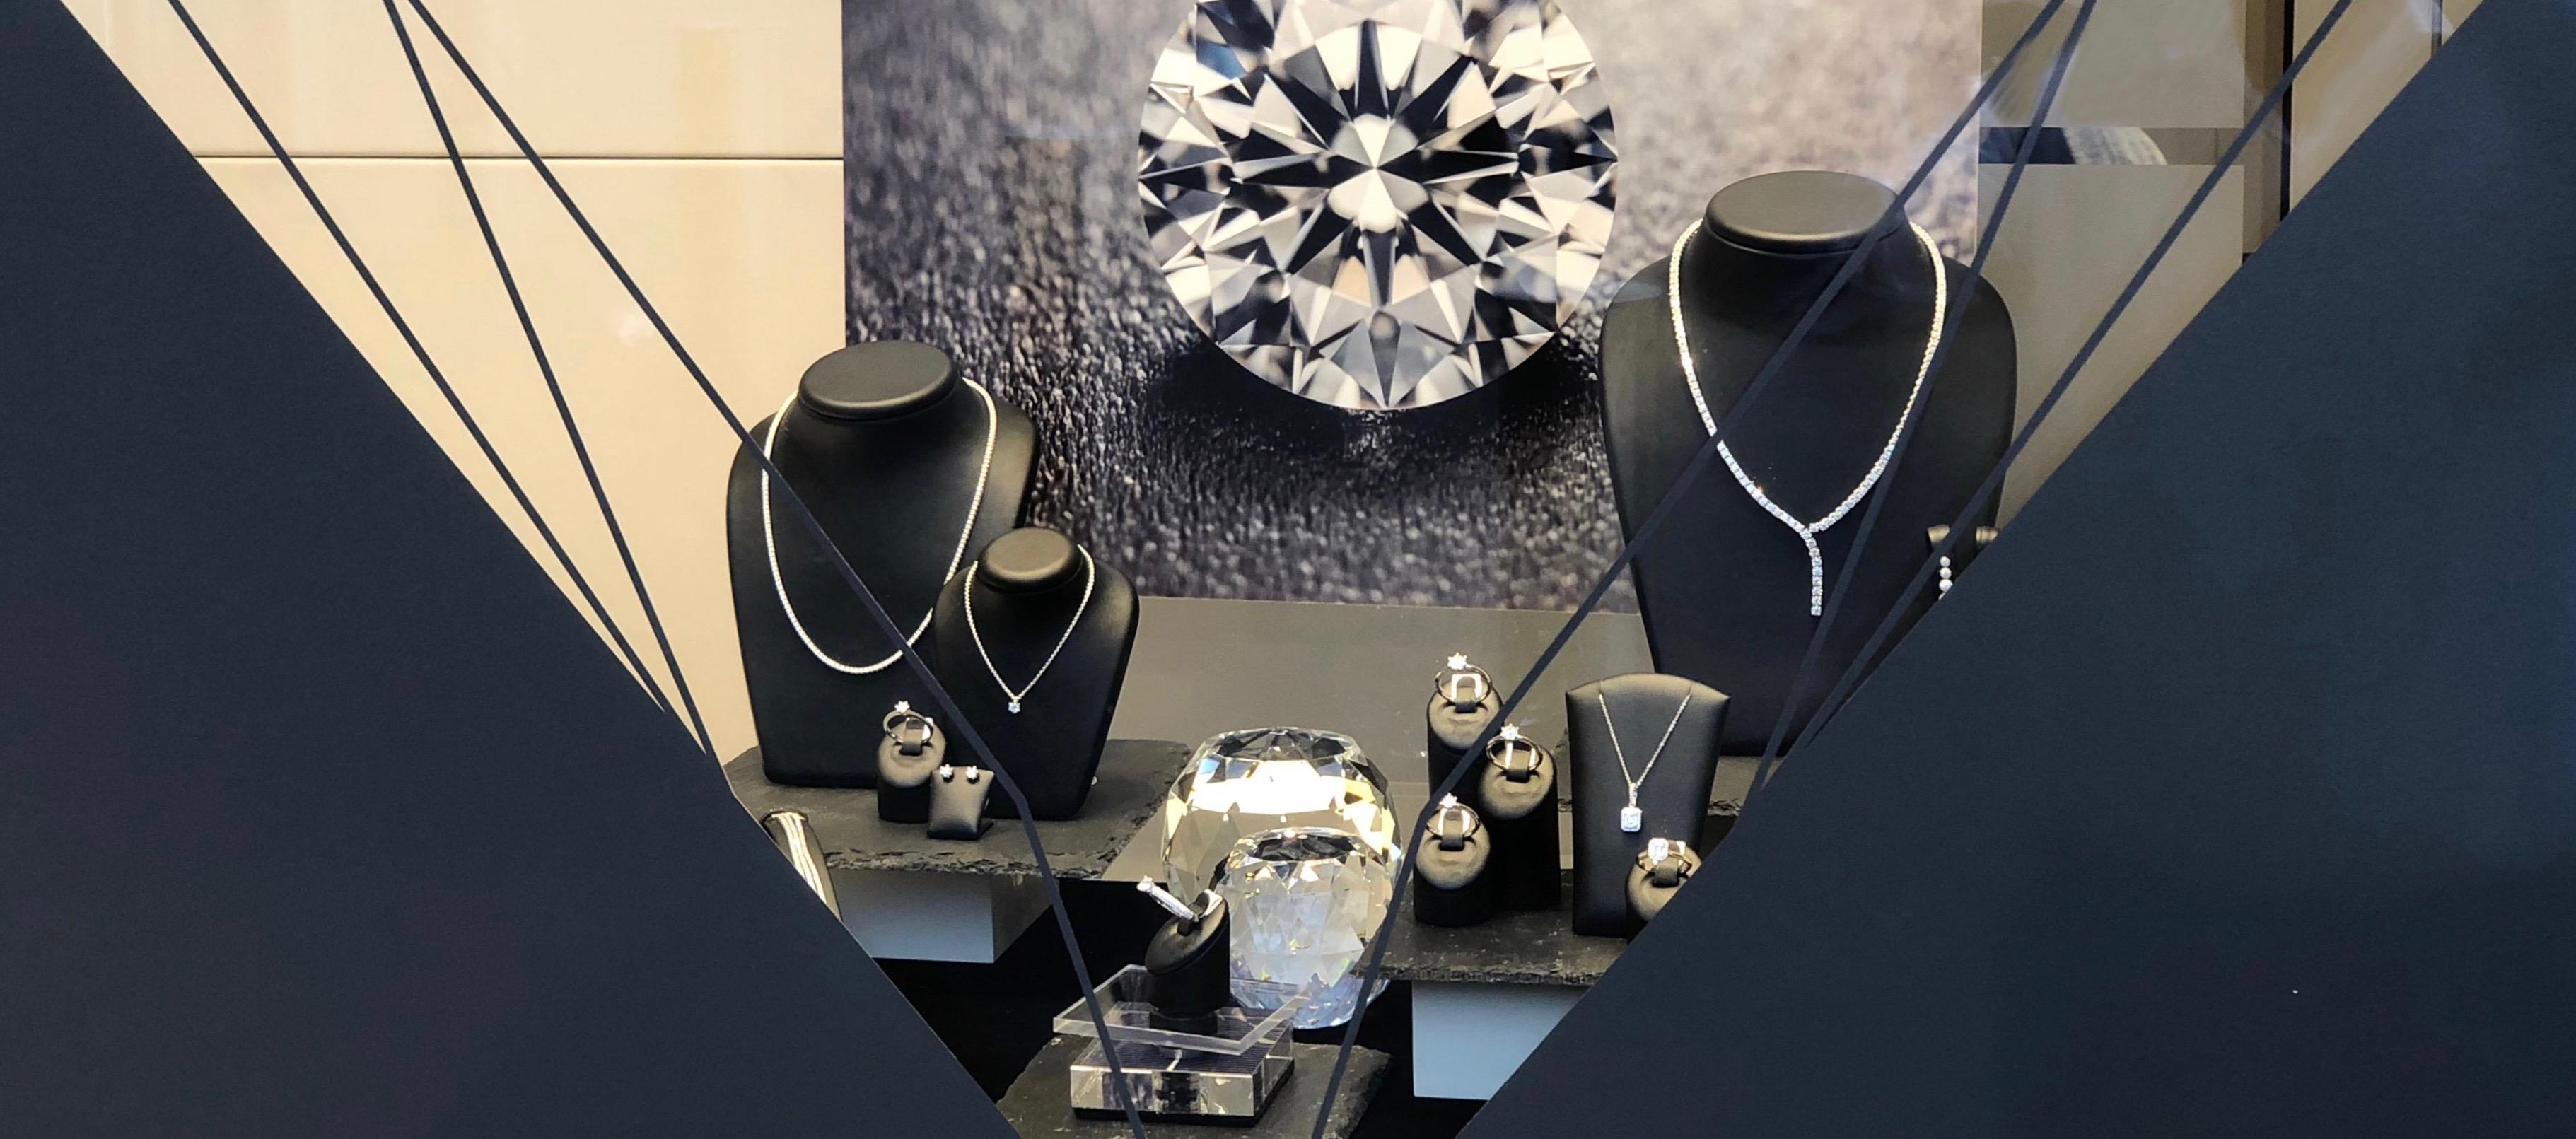 Jubiläumskollektion mit Brillantschmuck bei Juwelier Krebber in Mönchengladbach